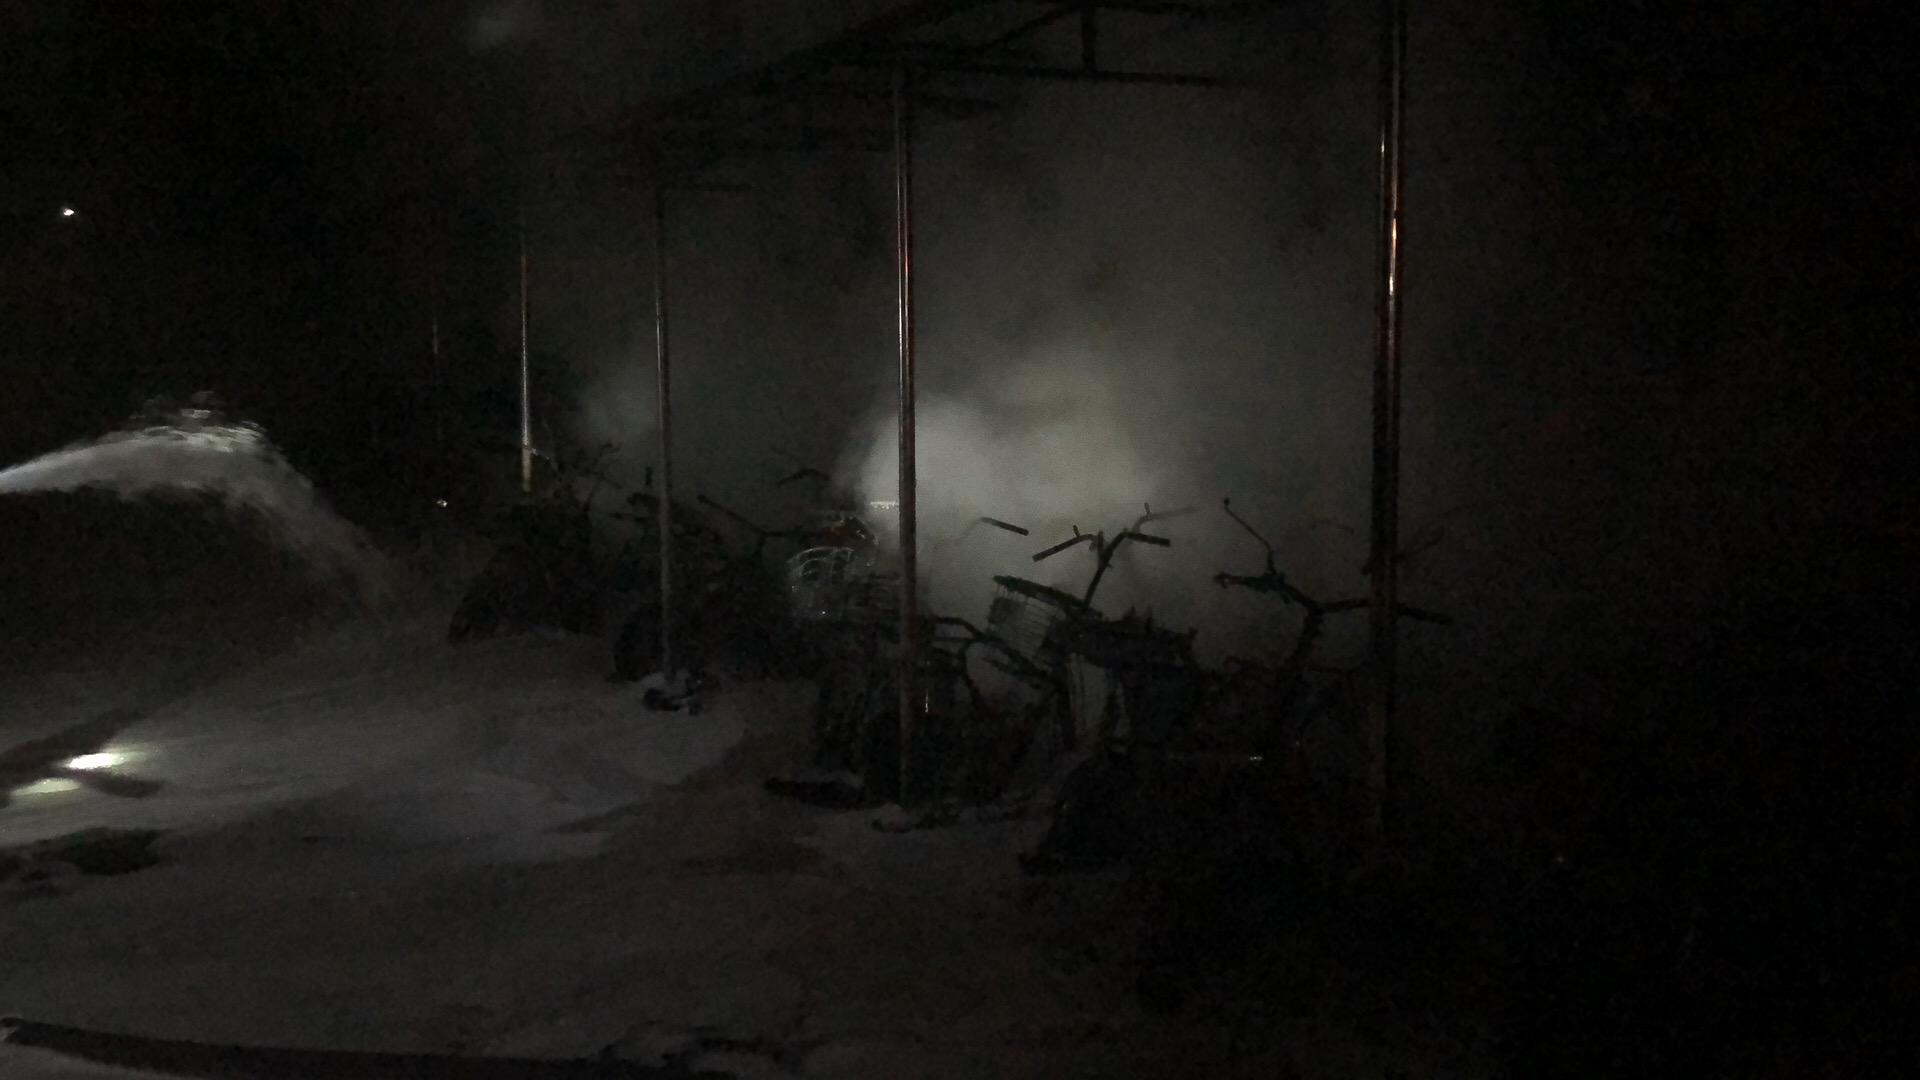 深夜 公寓楼下燃起大火 数十辆电动车烧毁